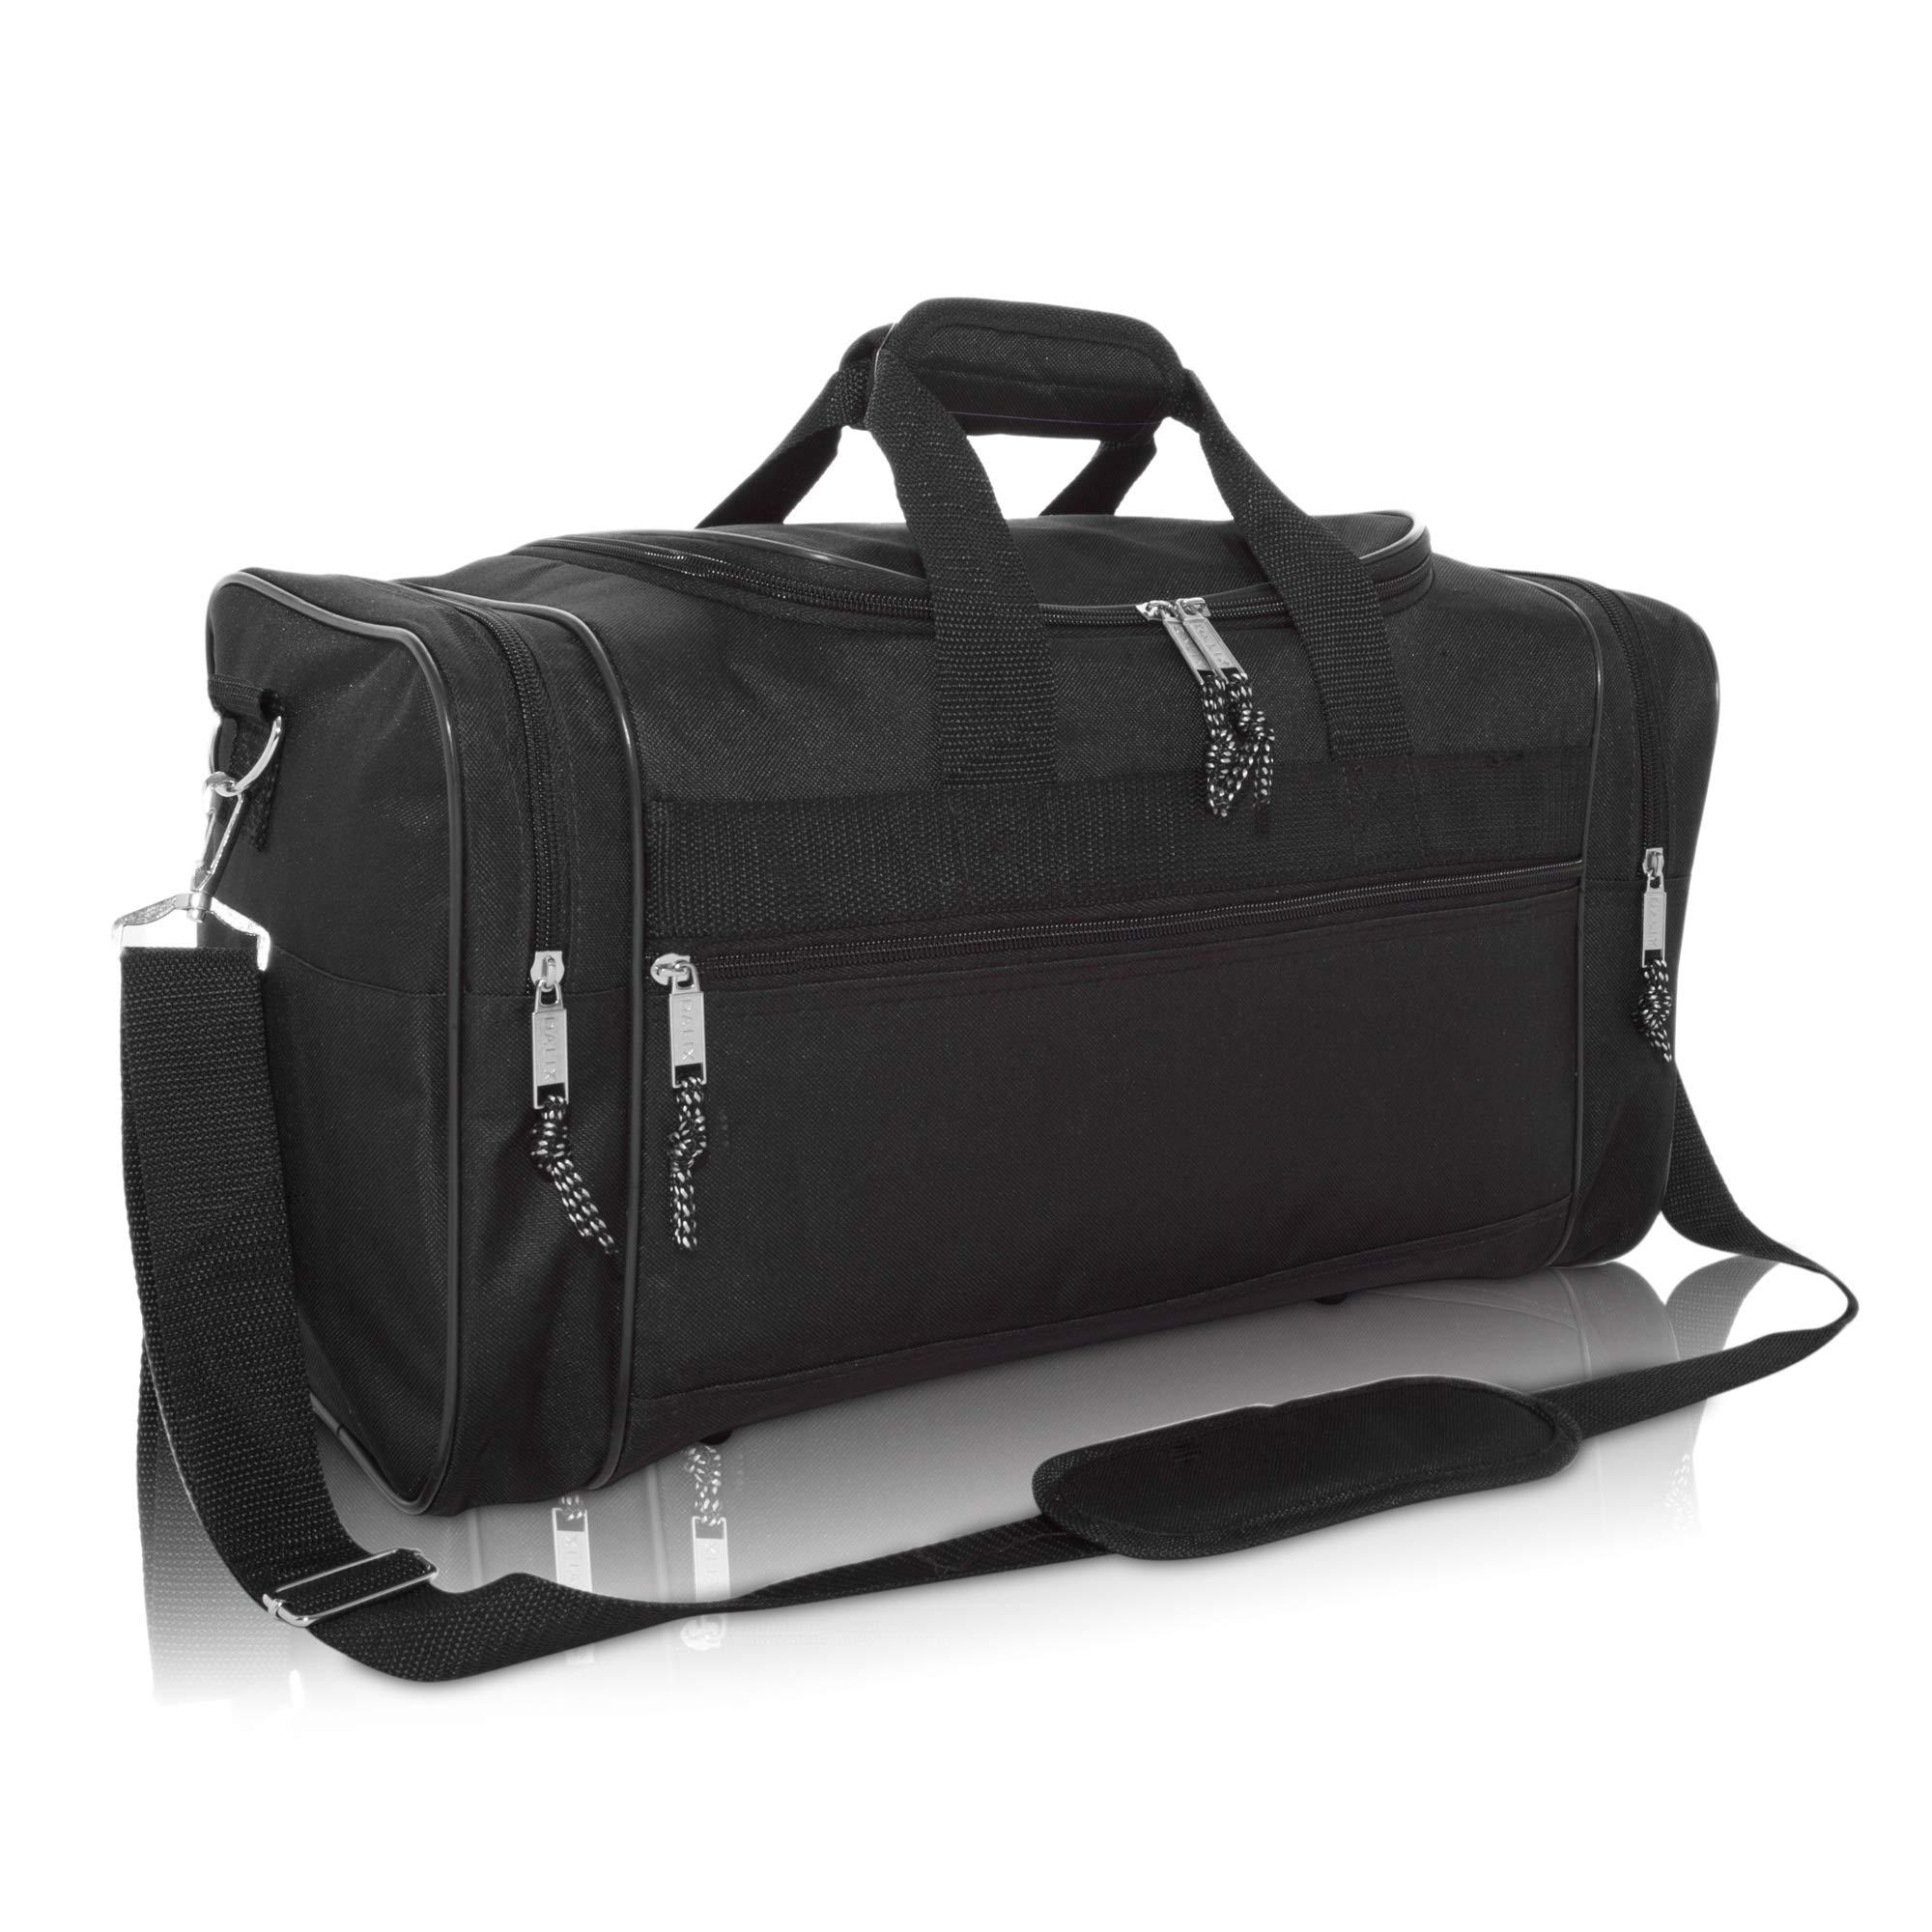 465dd7cc0c20 DALIX Blank Duffle Bag Duffel Bag in Black Gym Bag - DF-005-Black ...